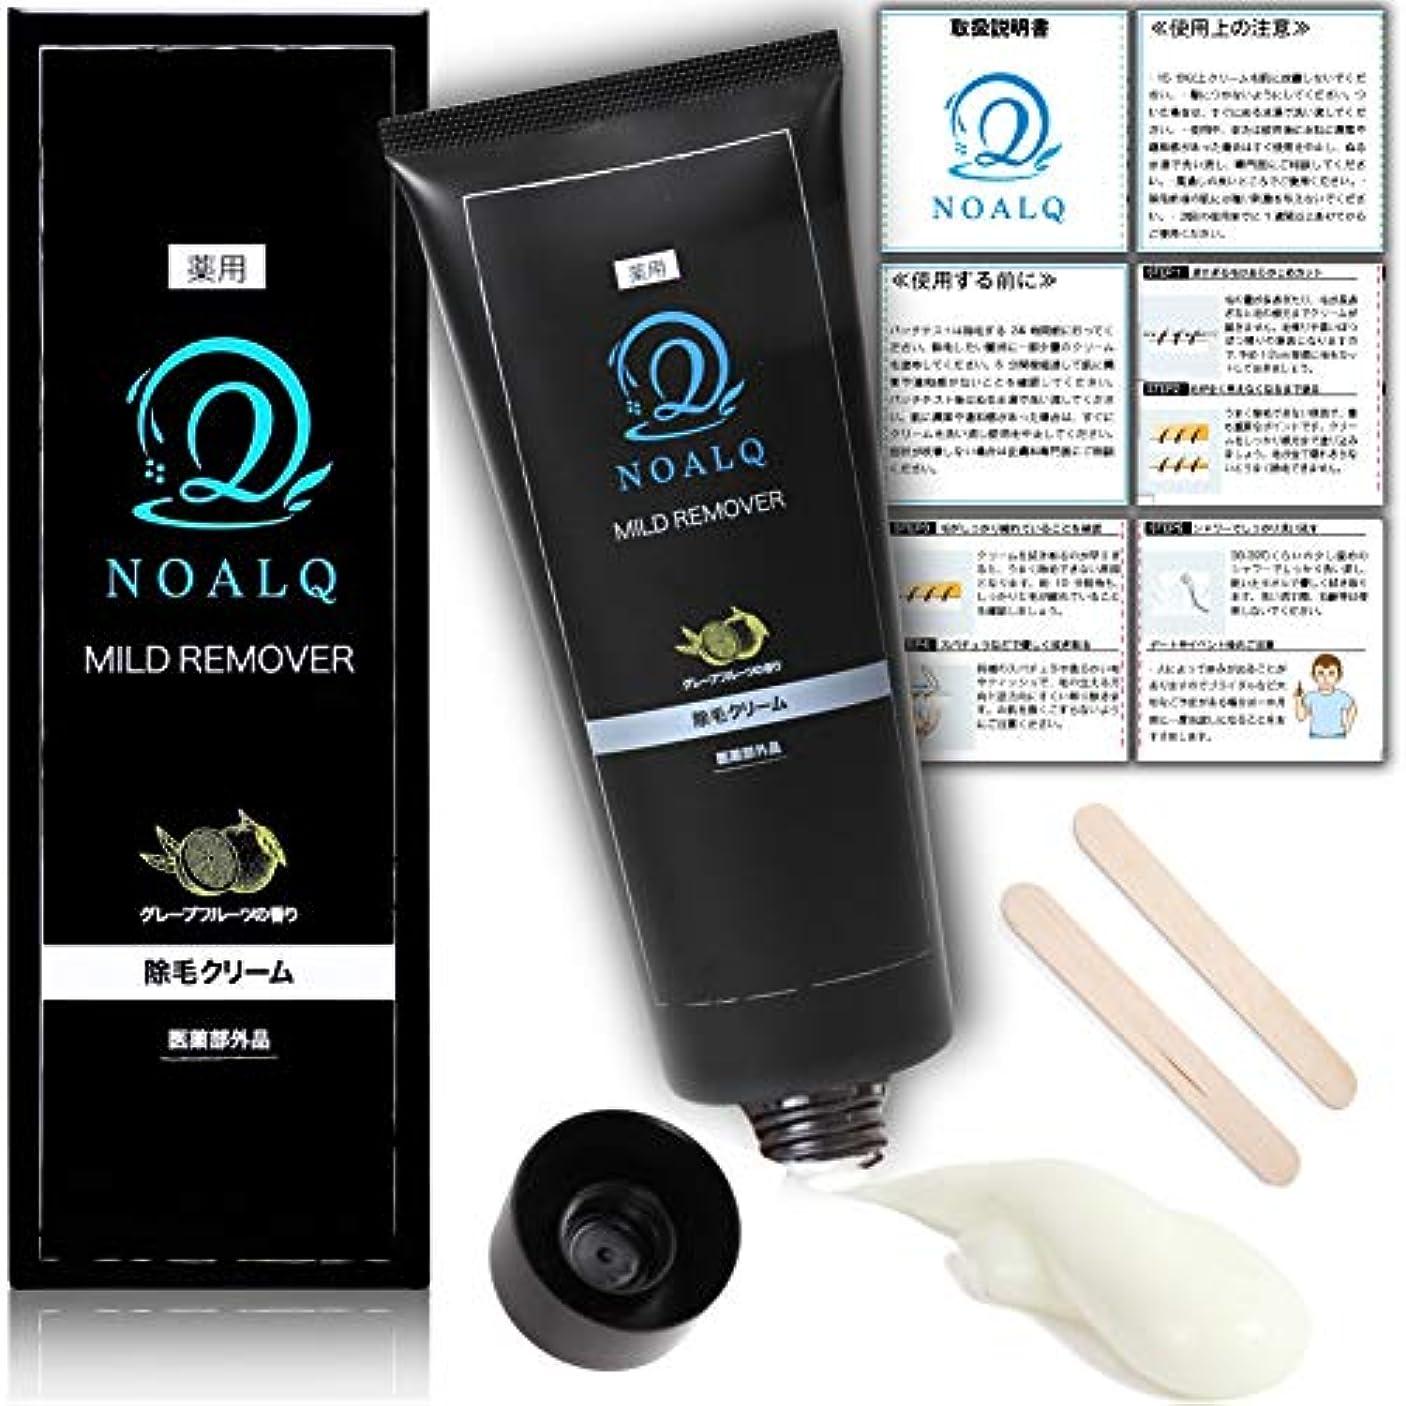 フィットホテル契約したNOALQ(ノアルク) 除毛クリーム 薬用リムーバークリーム 超大容量220g メンズ [陰部/VIO/アンダーヘア/ボディ用] 日本製 グレープフルーツフレーバータイプ